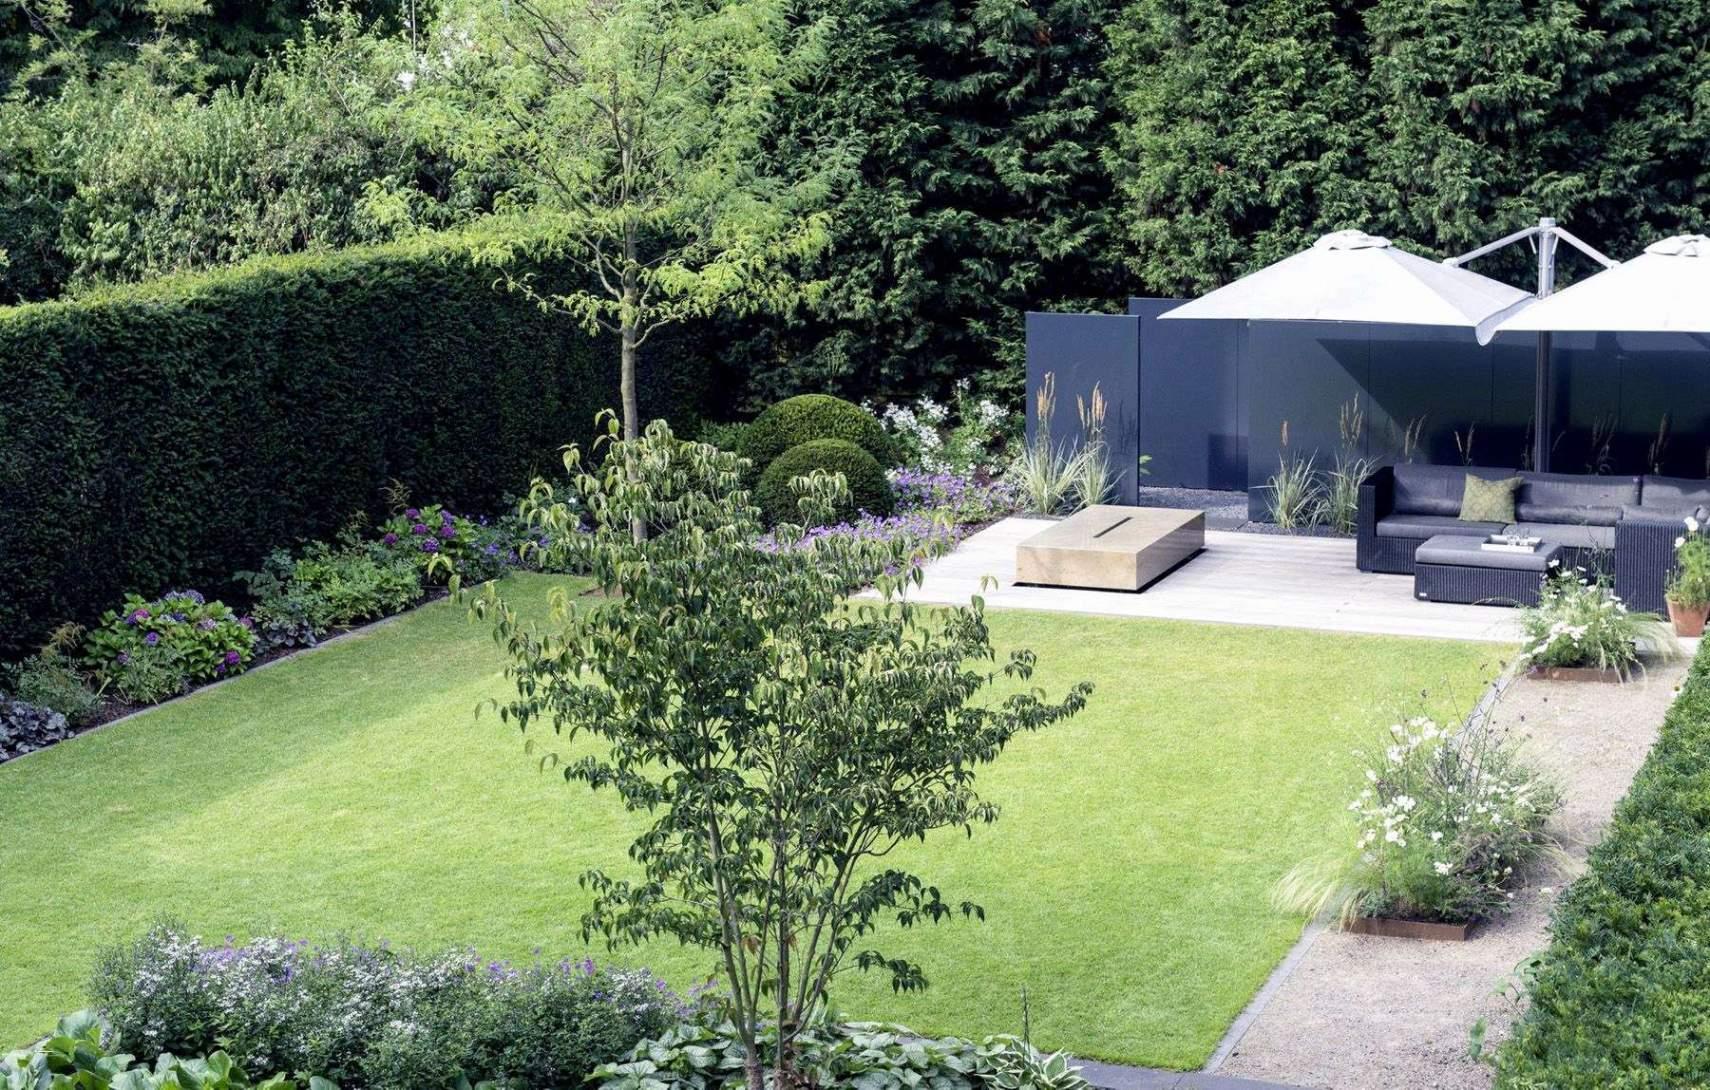 42 elegant vorgarten pflegeleicht gestalten stock hang gestalten pflegeleicht hang gestalten pflegeleicht